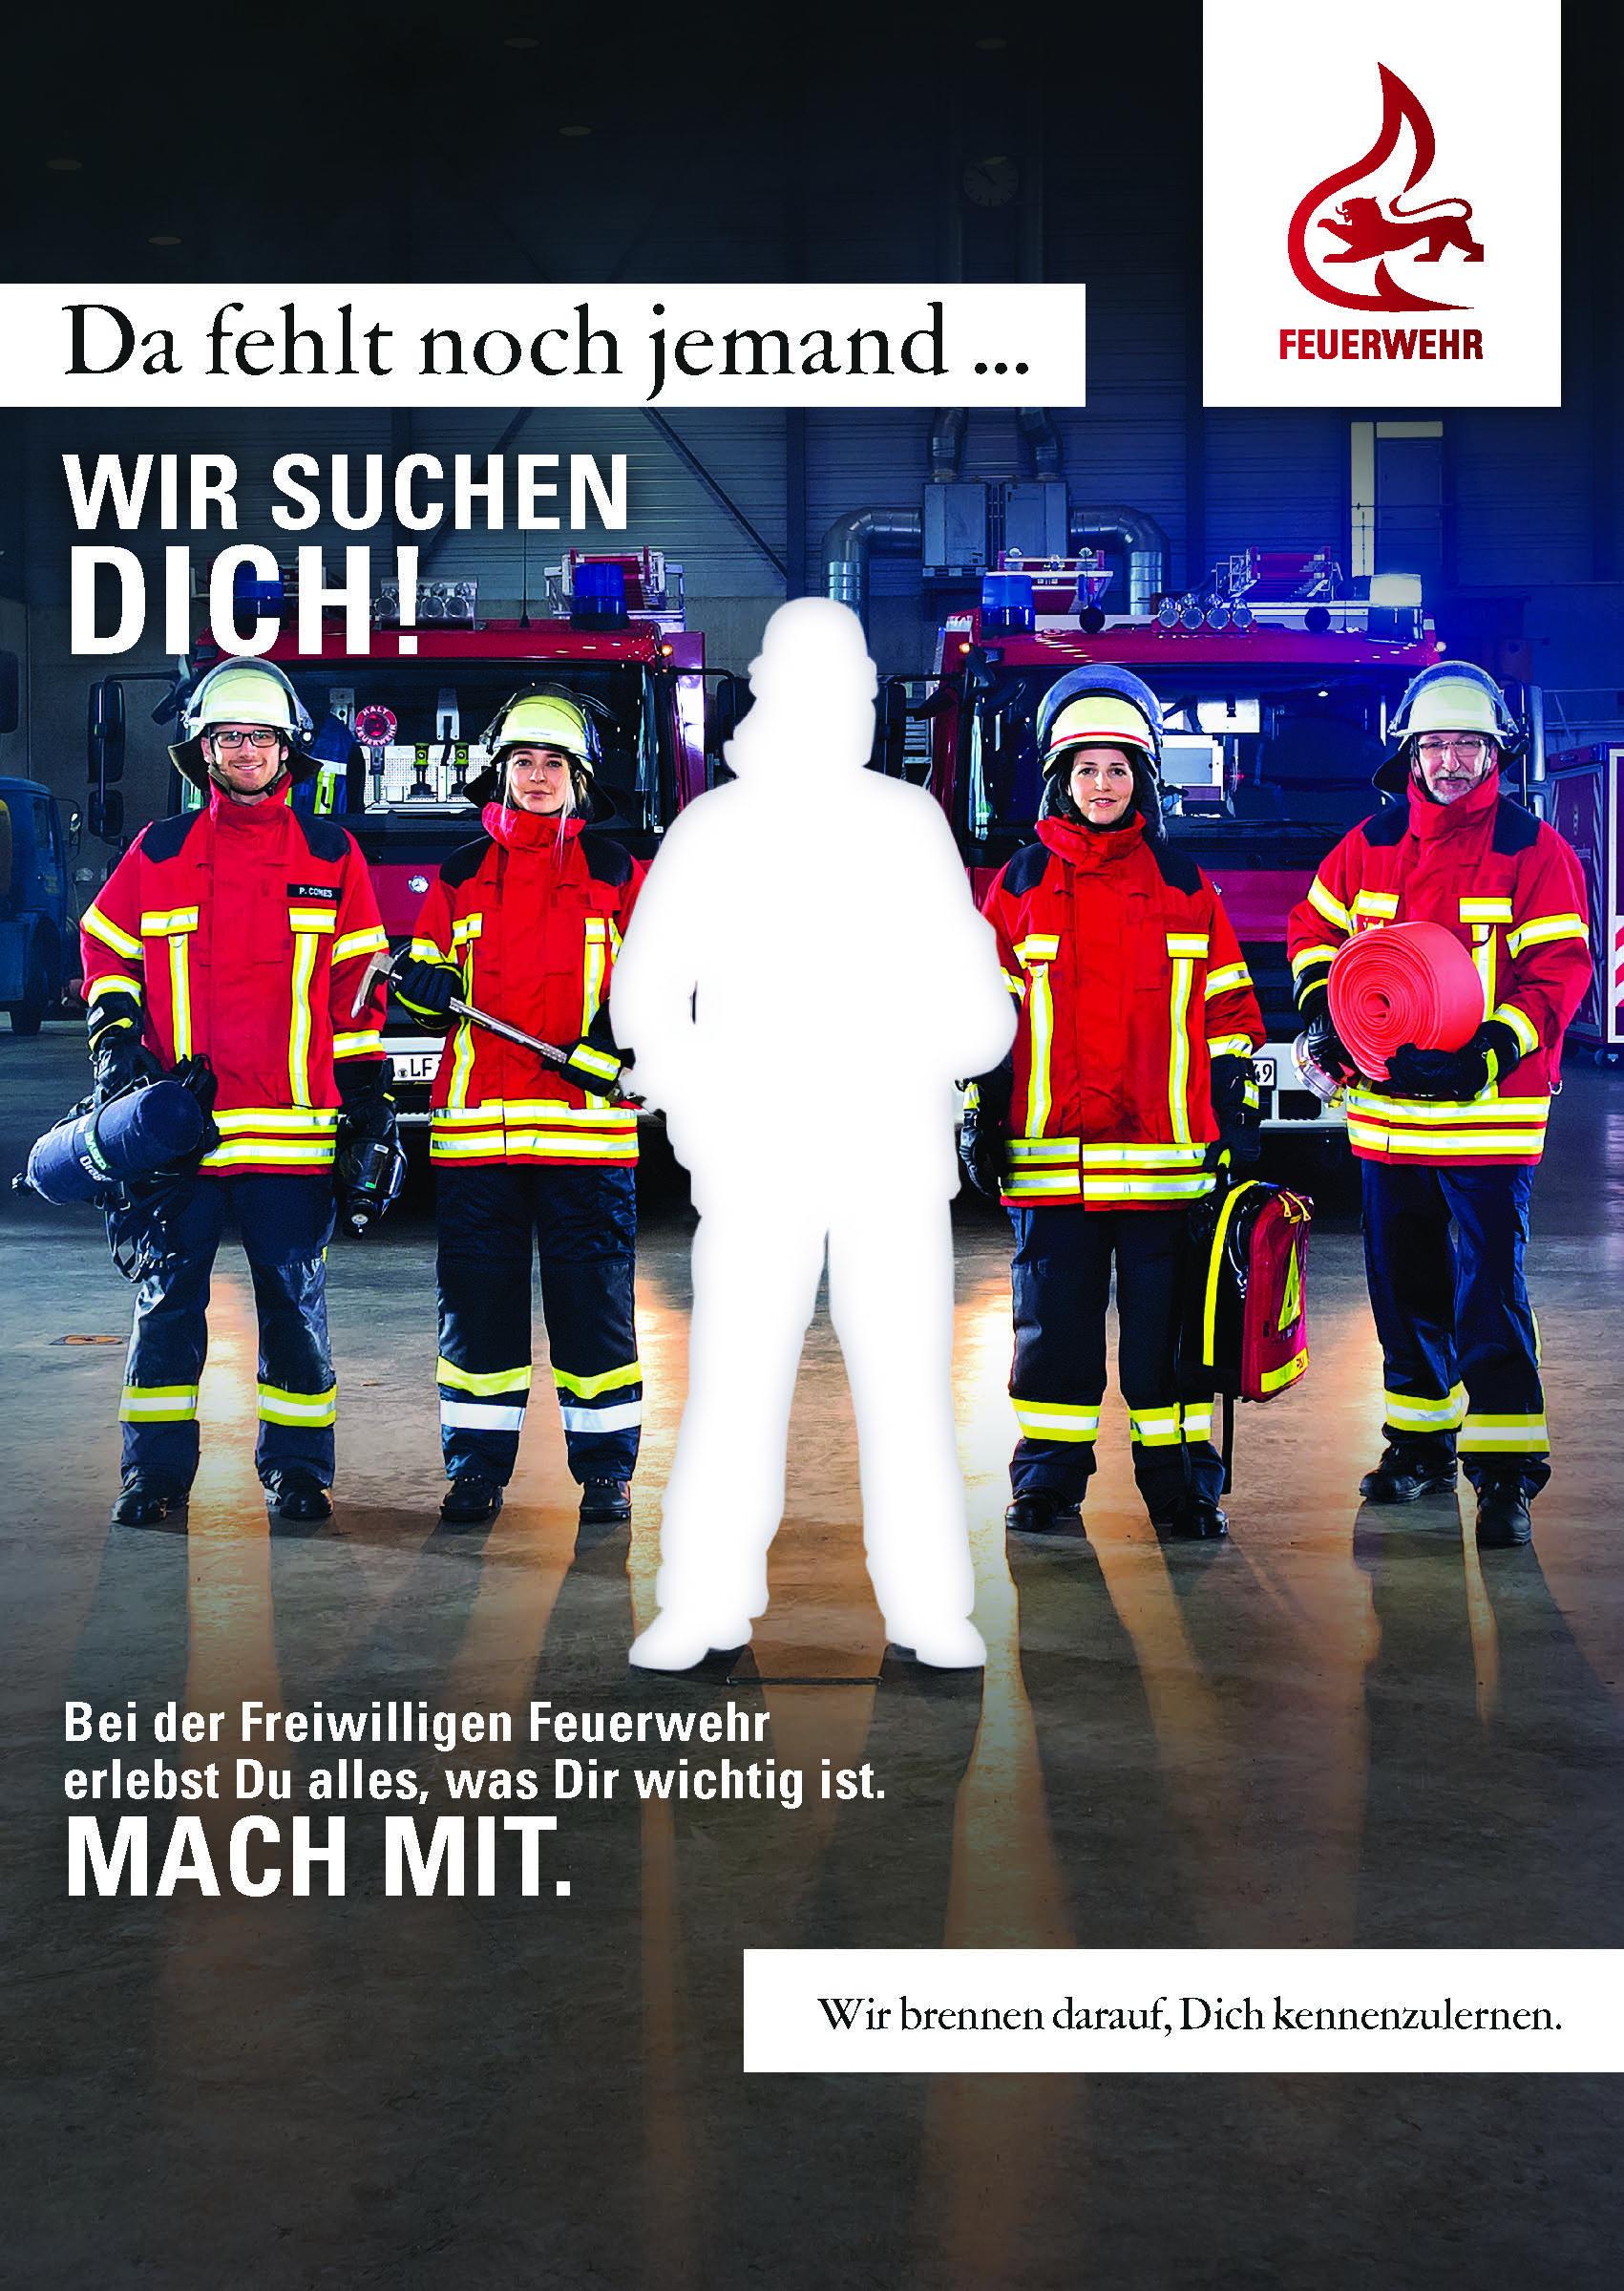 Feuerwehr-Werbekampagne über Feuerwehr Motive